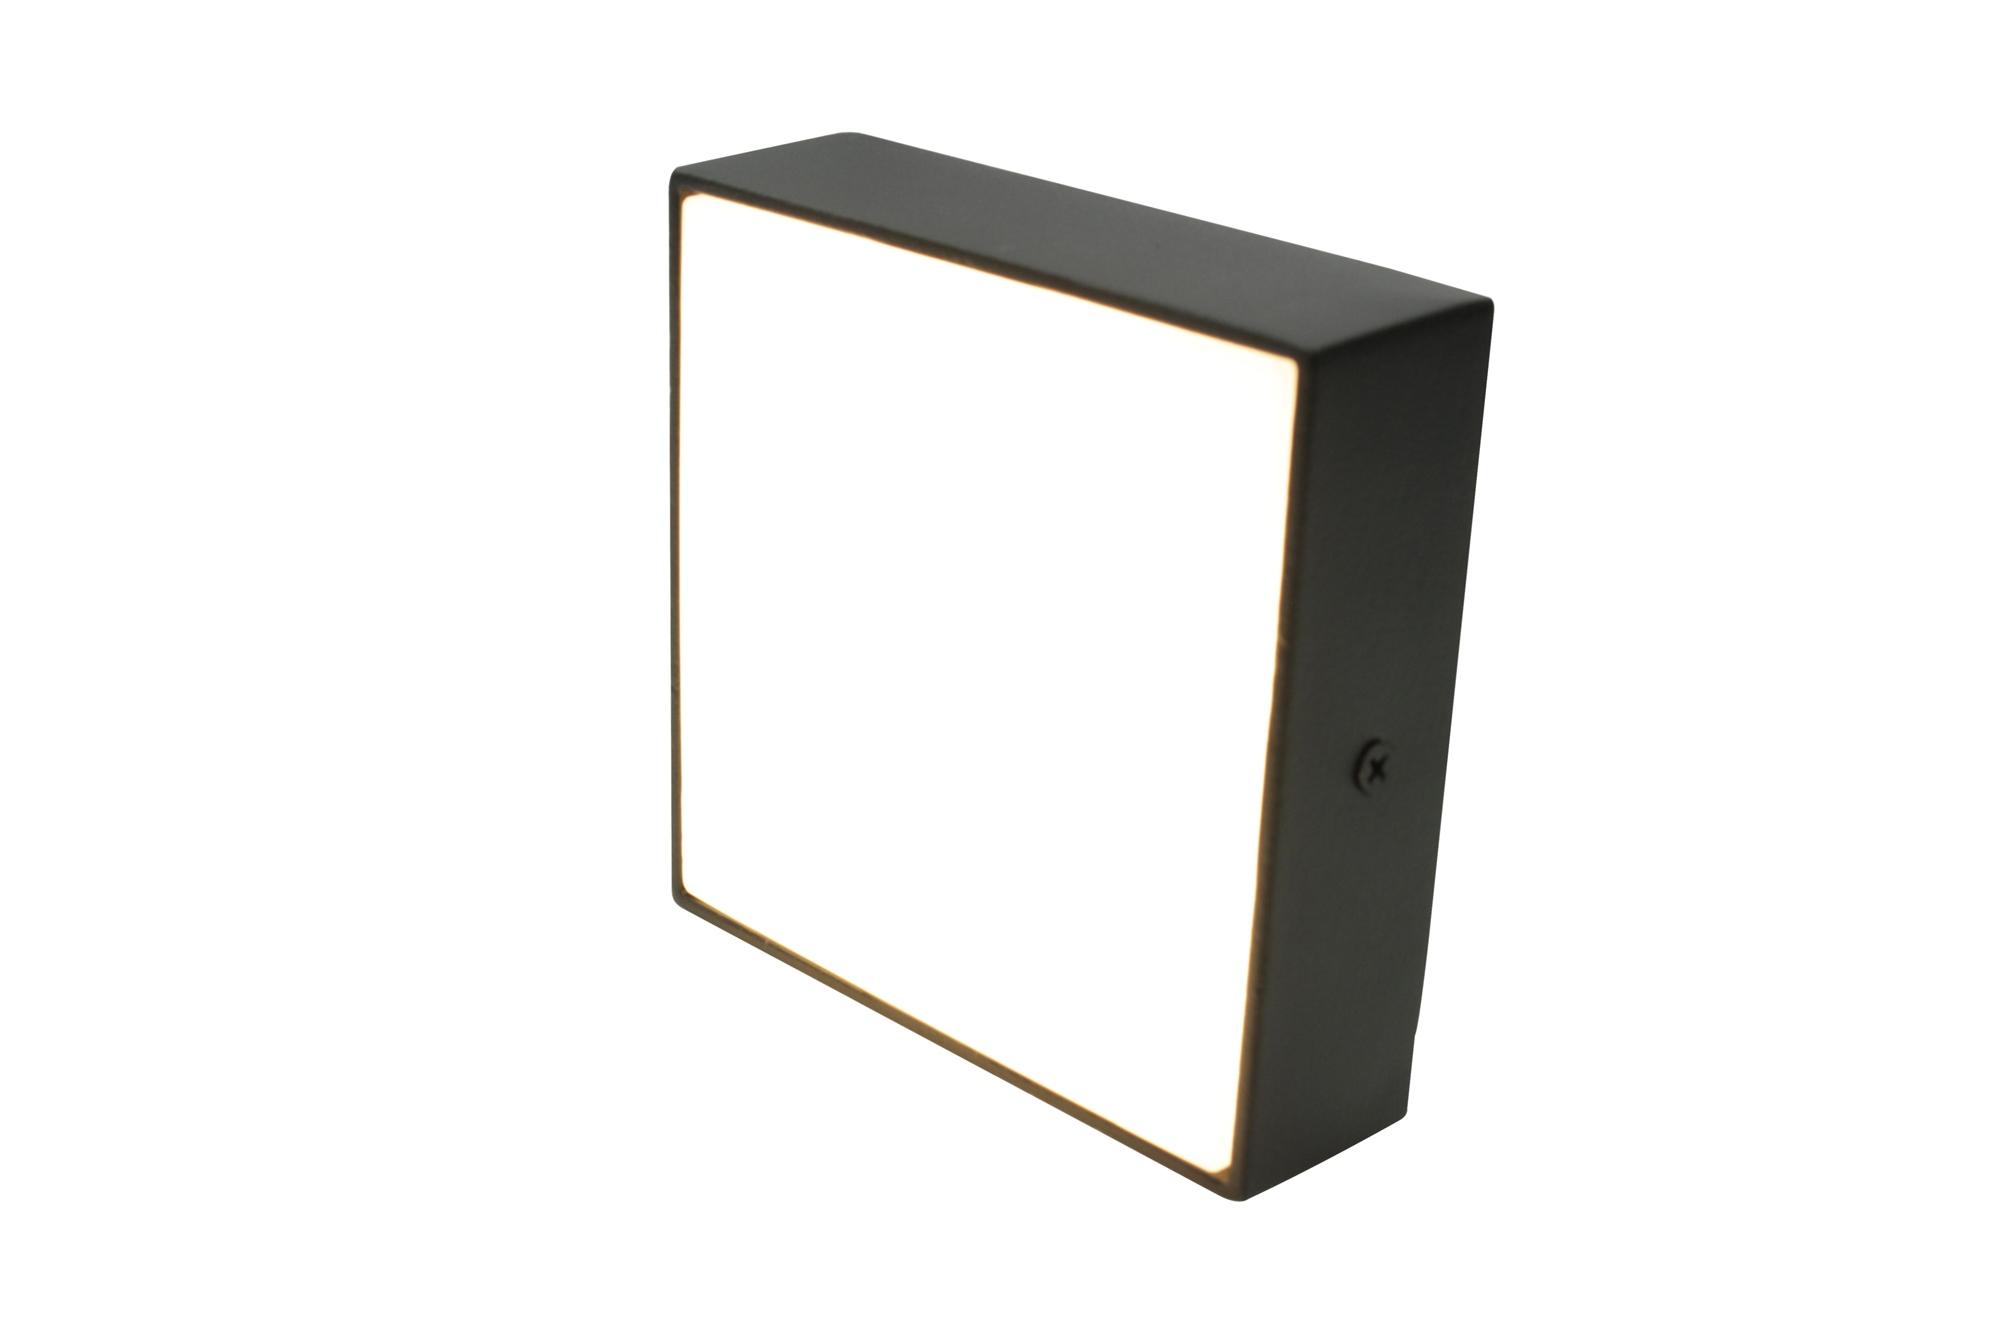 Lampenlux MINI Savona Deckenleuchte schwarz LED Deckenlampe WW 120mm